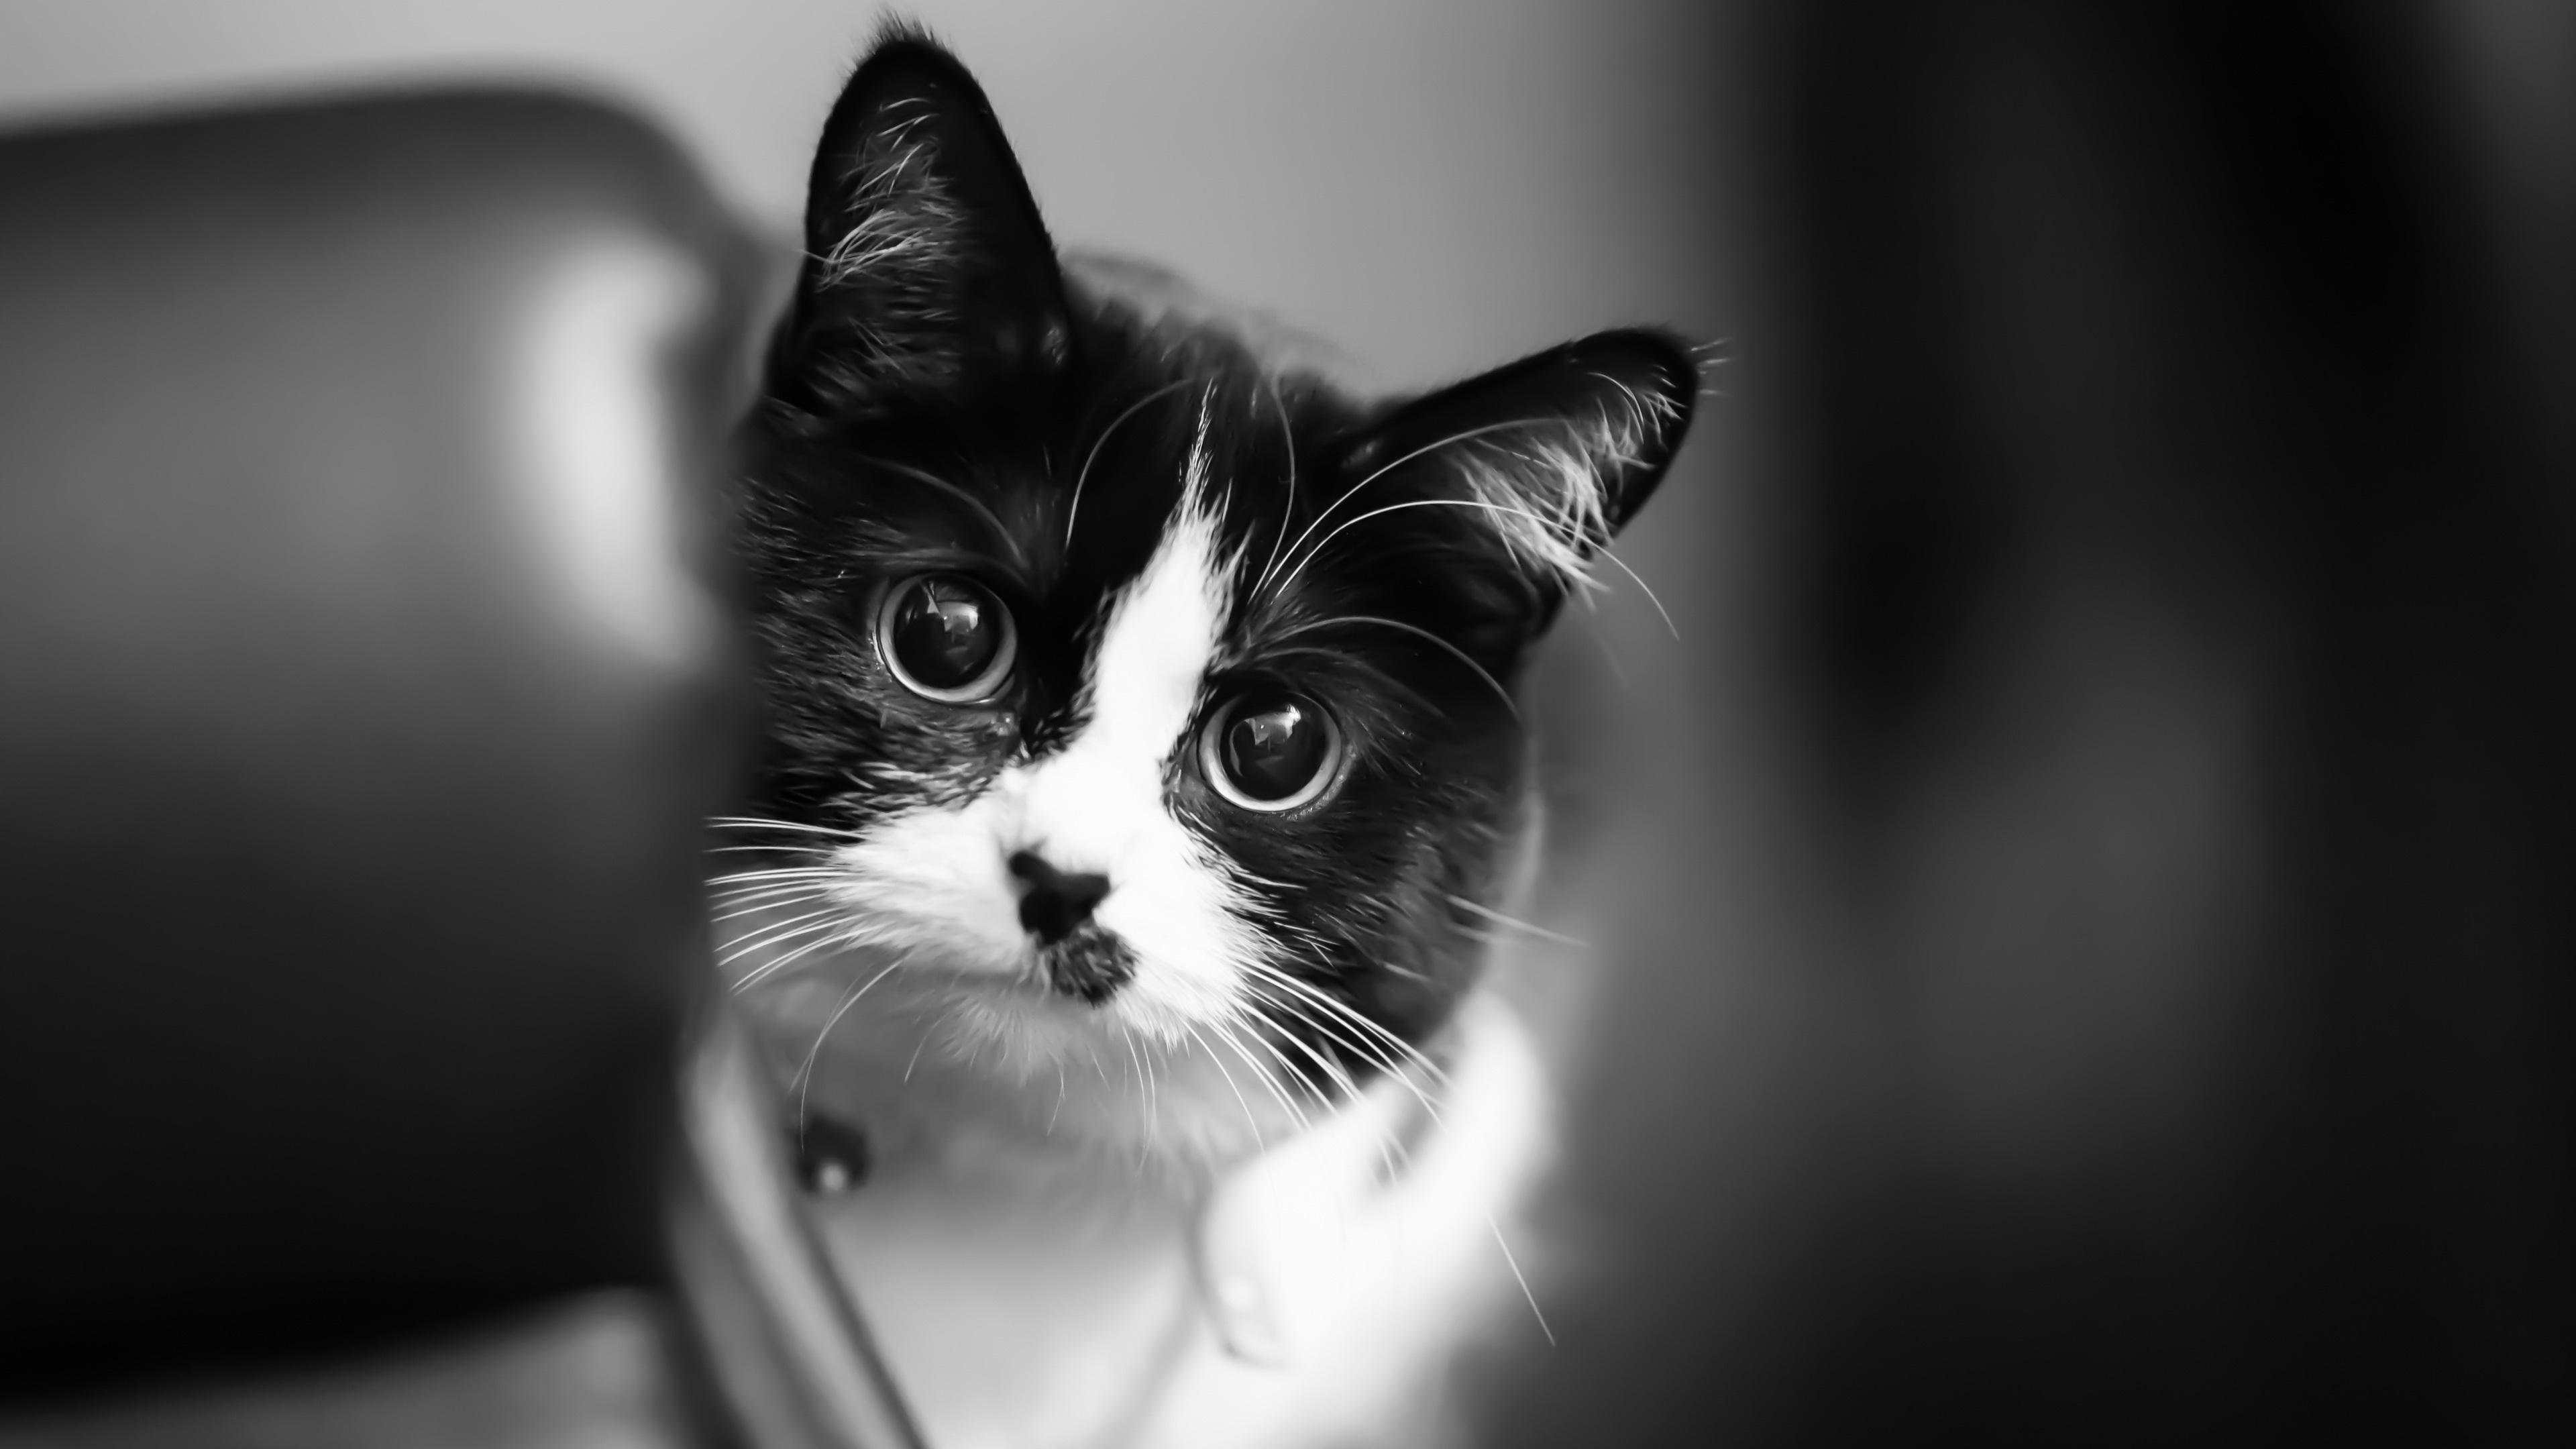 壁紙 かわいい子猫 白 黒 3840x2160 Uhd 4k 無料のデスクトップの